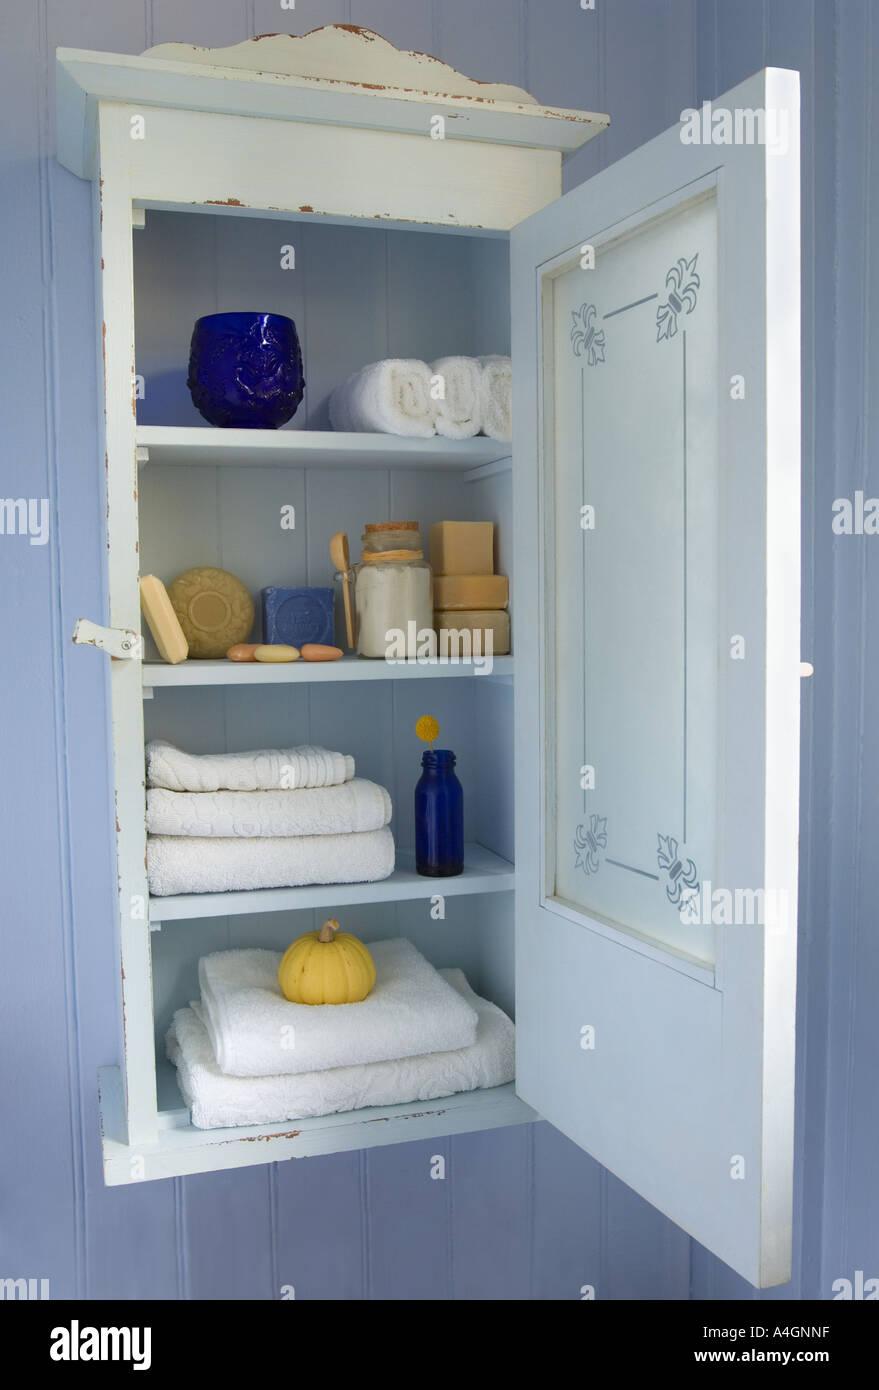 Vintage Badezimmerschrank Mit Milchglas Tur Und Toilettenartikel Wie